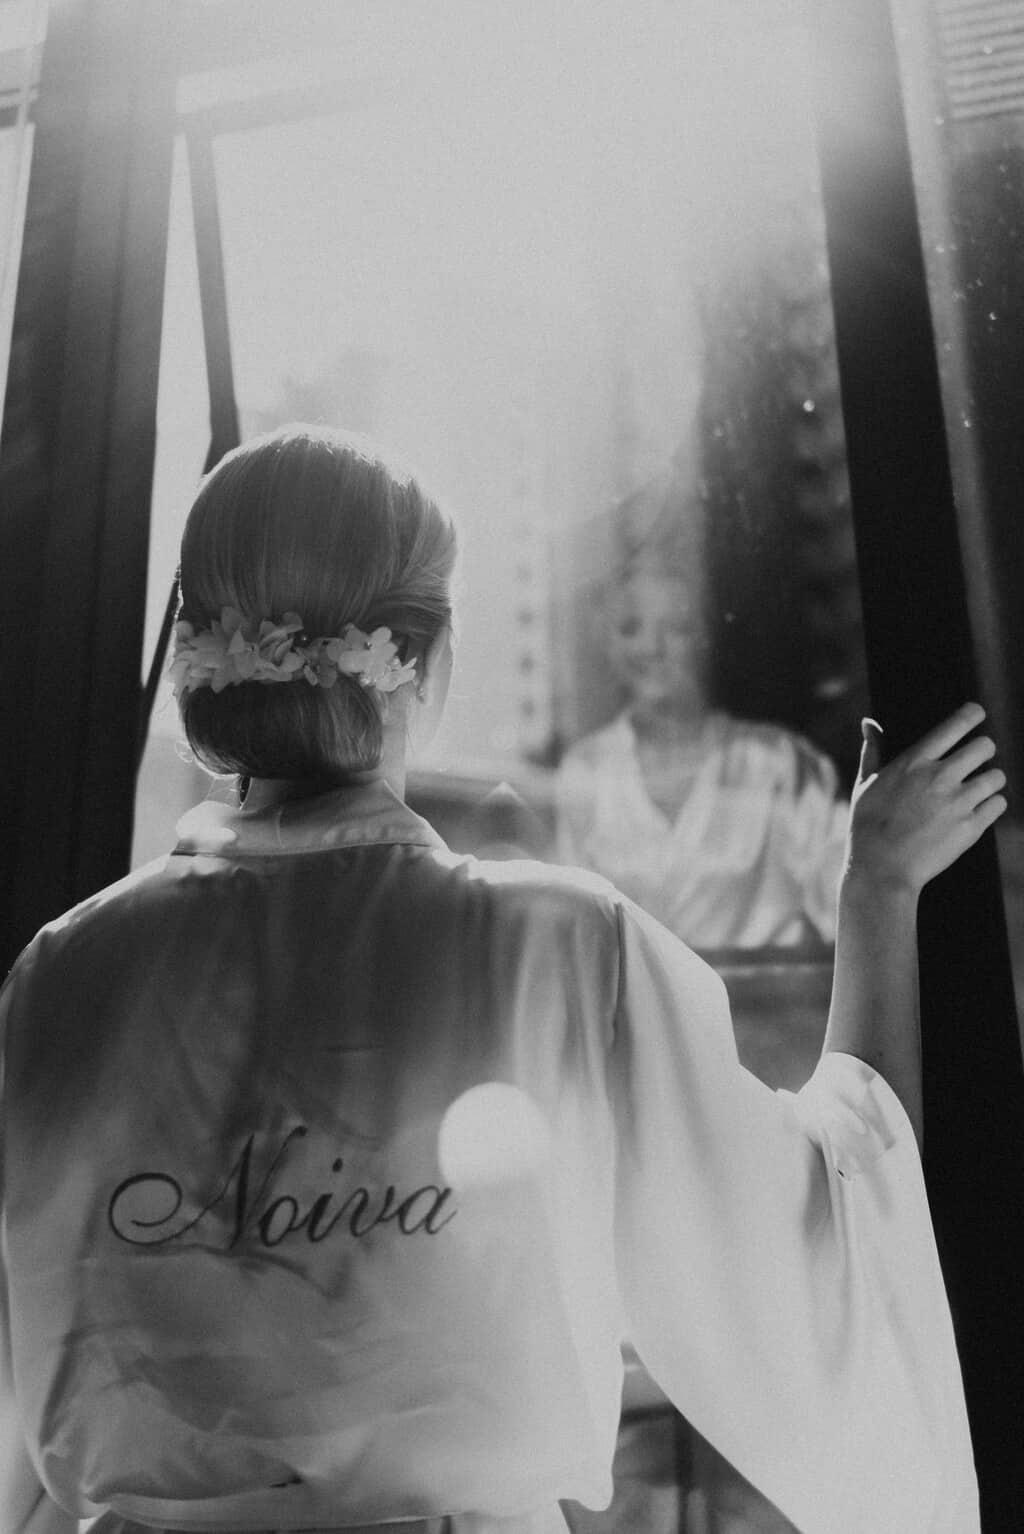 Braulio-Delai-casamento-Luciana-e-Eduardo-Cerimonial-Sandra-Colin-Fotografia-Mana-Gollo-Igreja-Santa-Terezinha-e-Espaço-Klaine-making-of2